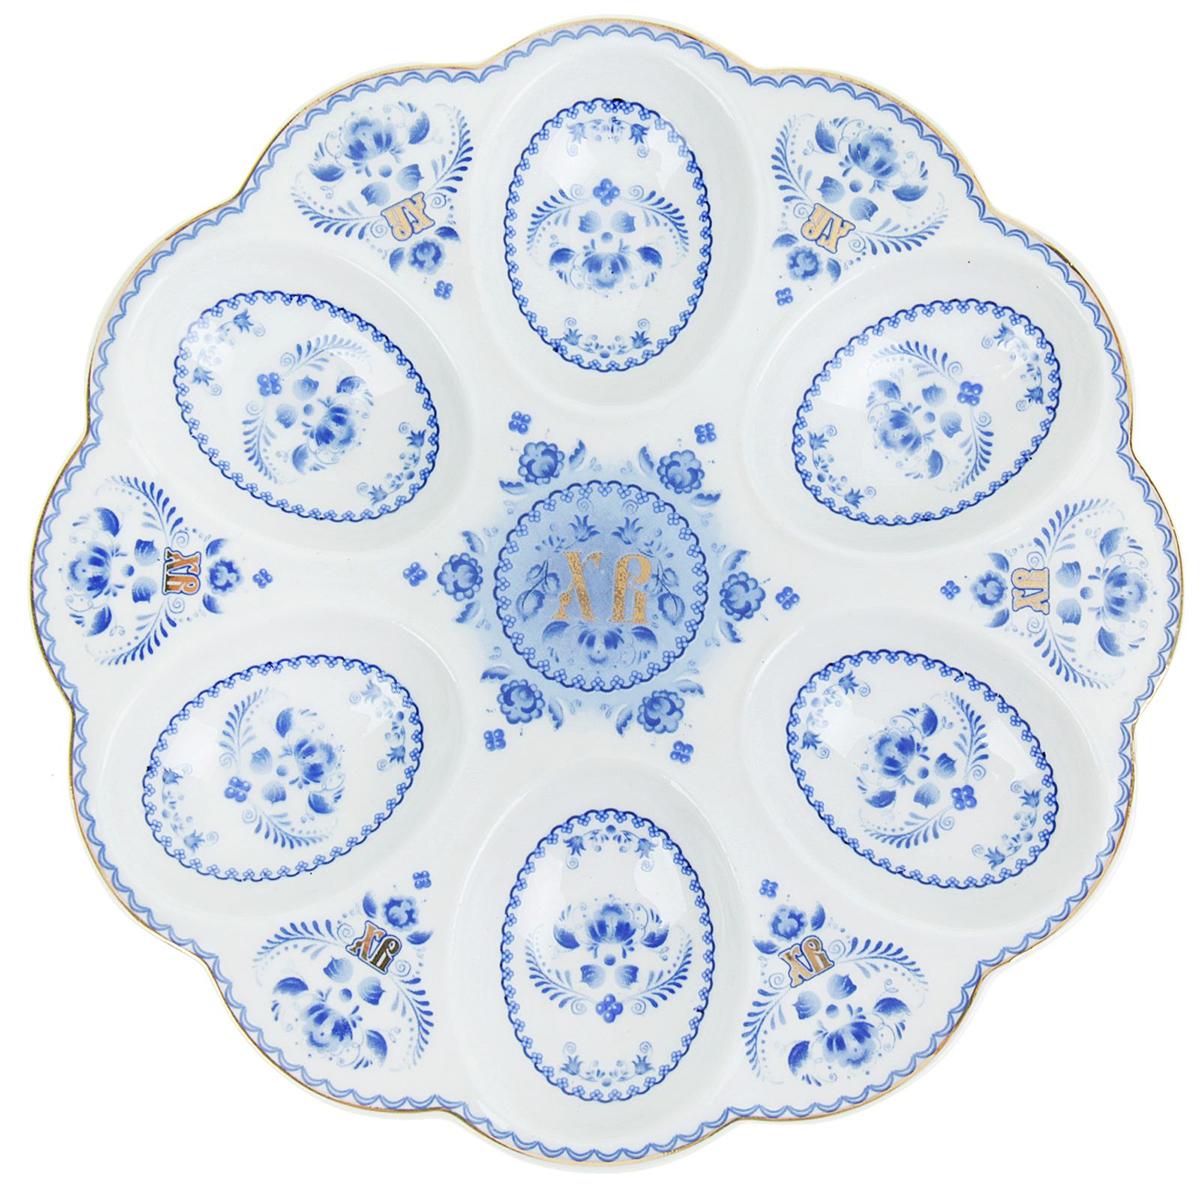 Подставка для яйца Гжель, на 6 яиц, 18 см. 867704867704Подставка изготовлена из прочной белоснежной керамики с нанесением тематических изображений насыщенными натуральными и безопасными красками. Аксессуар станет дополнительным украшением праздничного стола, создаст радостное настроение и наполнит пространство вашего дома благостной энергией на весь год вперёд.Благодаря яркой упаковке сувенир будет ценным памятным подарком для родных, друзей и коллег.